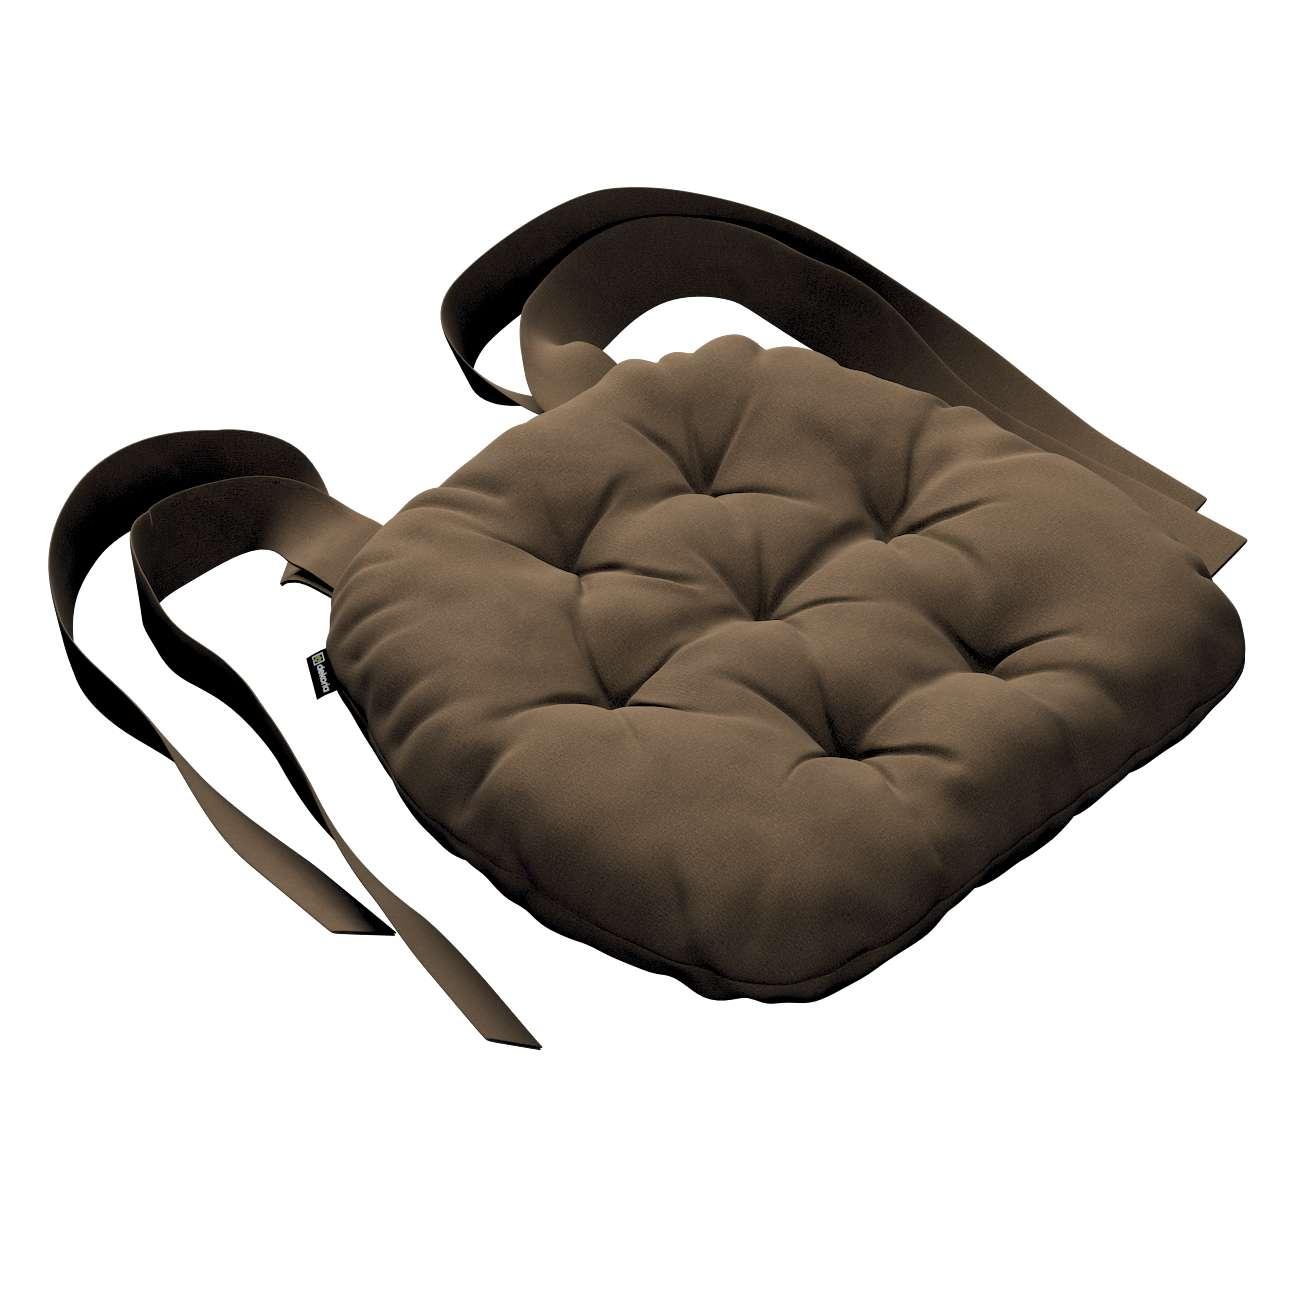 Siedzisko Marcin na krzesło w kolekcji Living, tkanina: 160-94